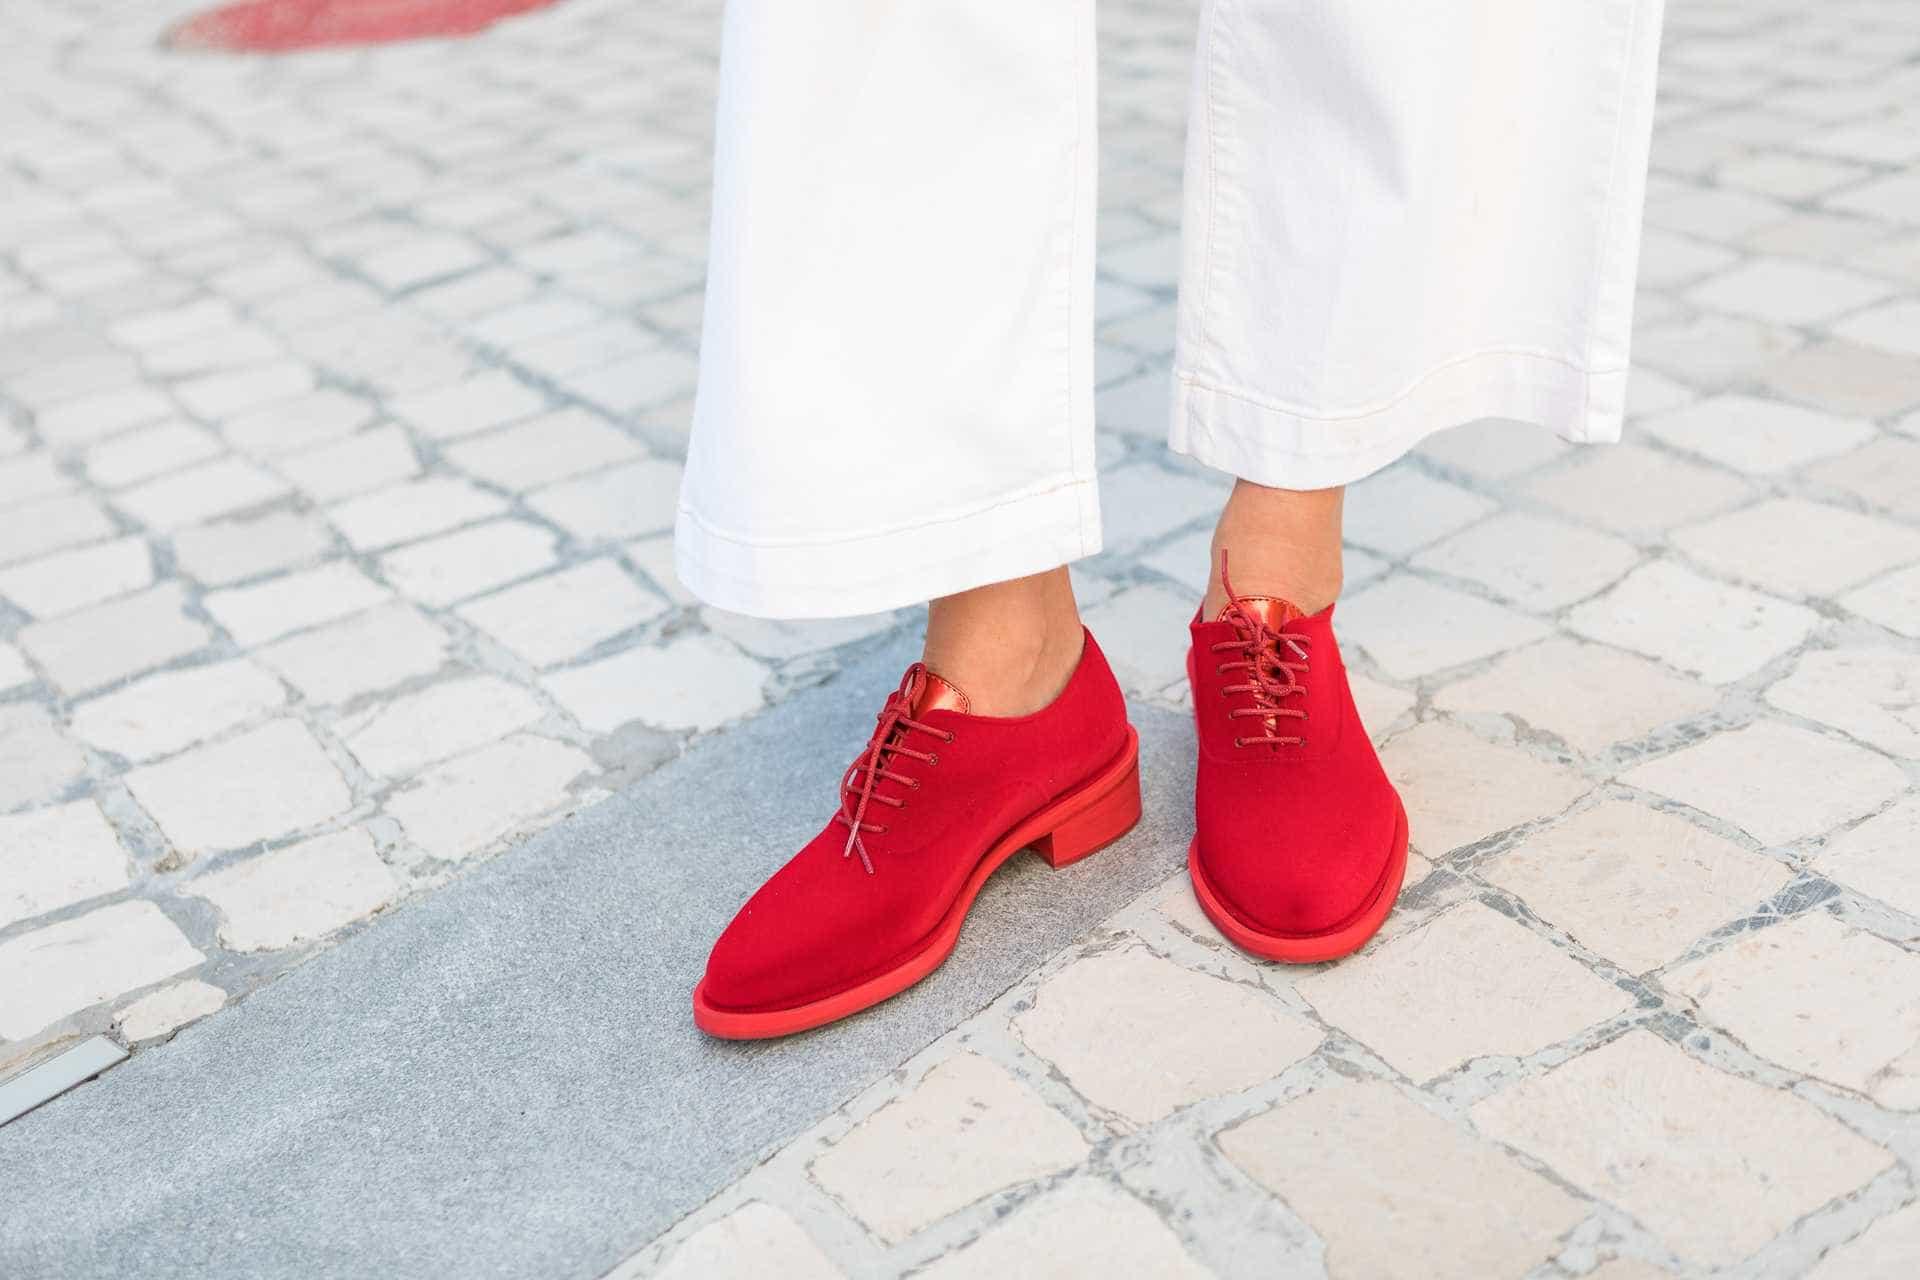 Com todo o estilo aos seus pés. Maria Guedes alia-se à Lemon Jelly